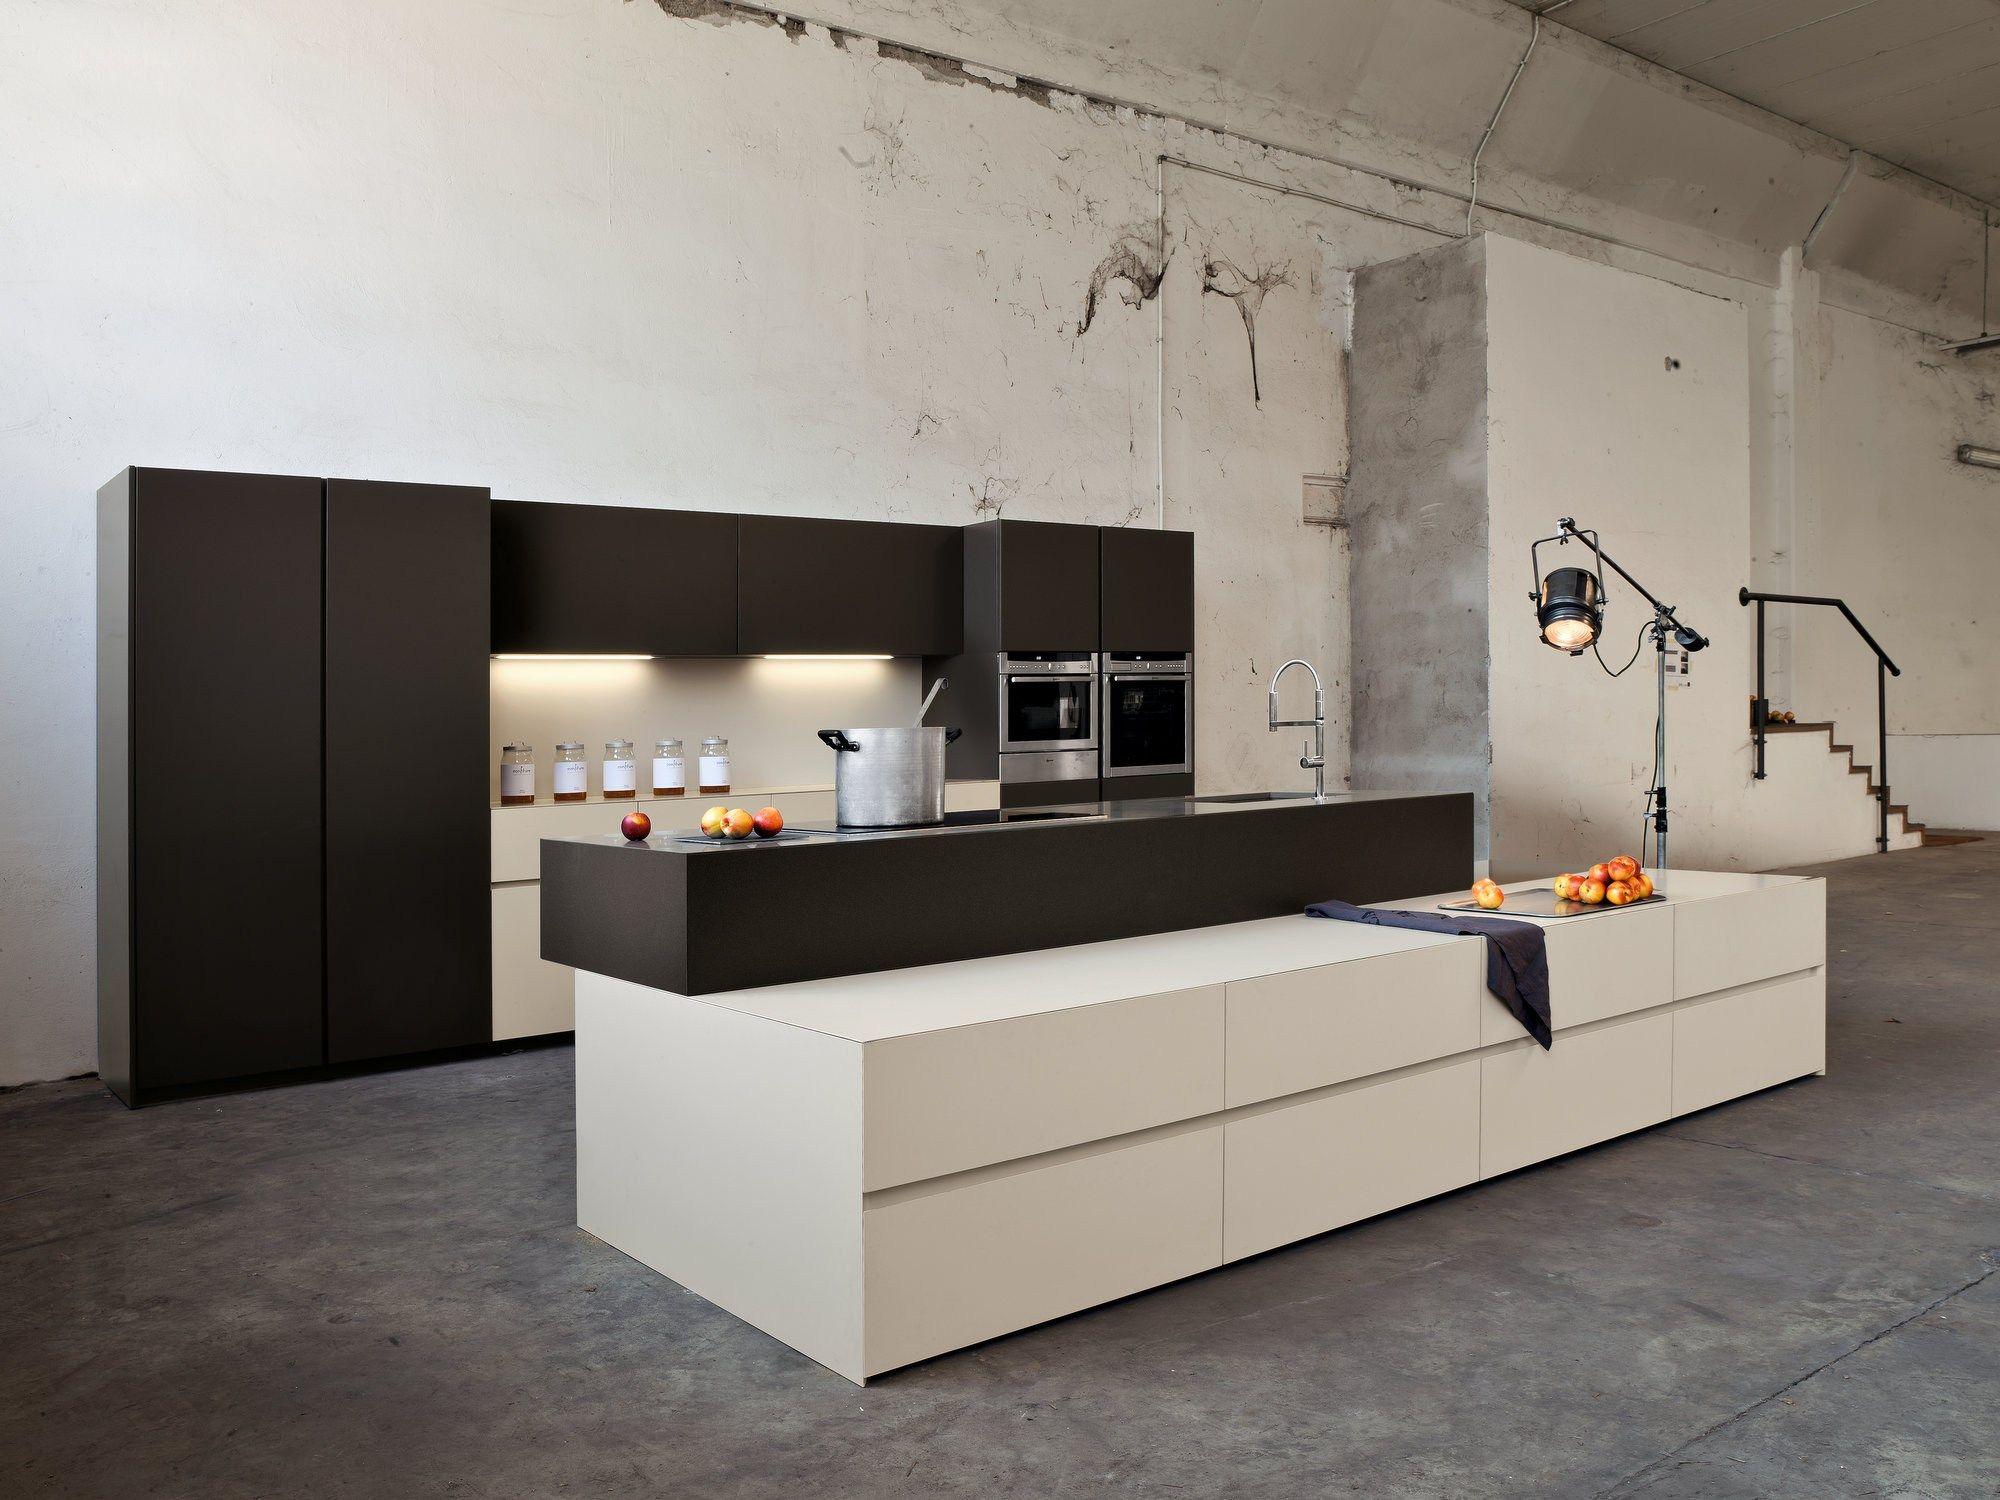 lapitec kitchen worktop by lapitec